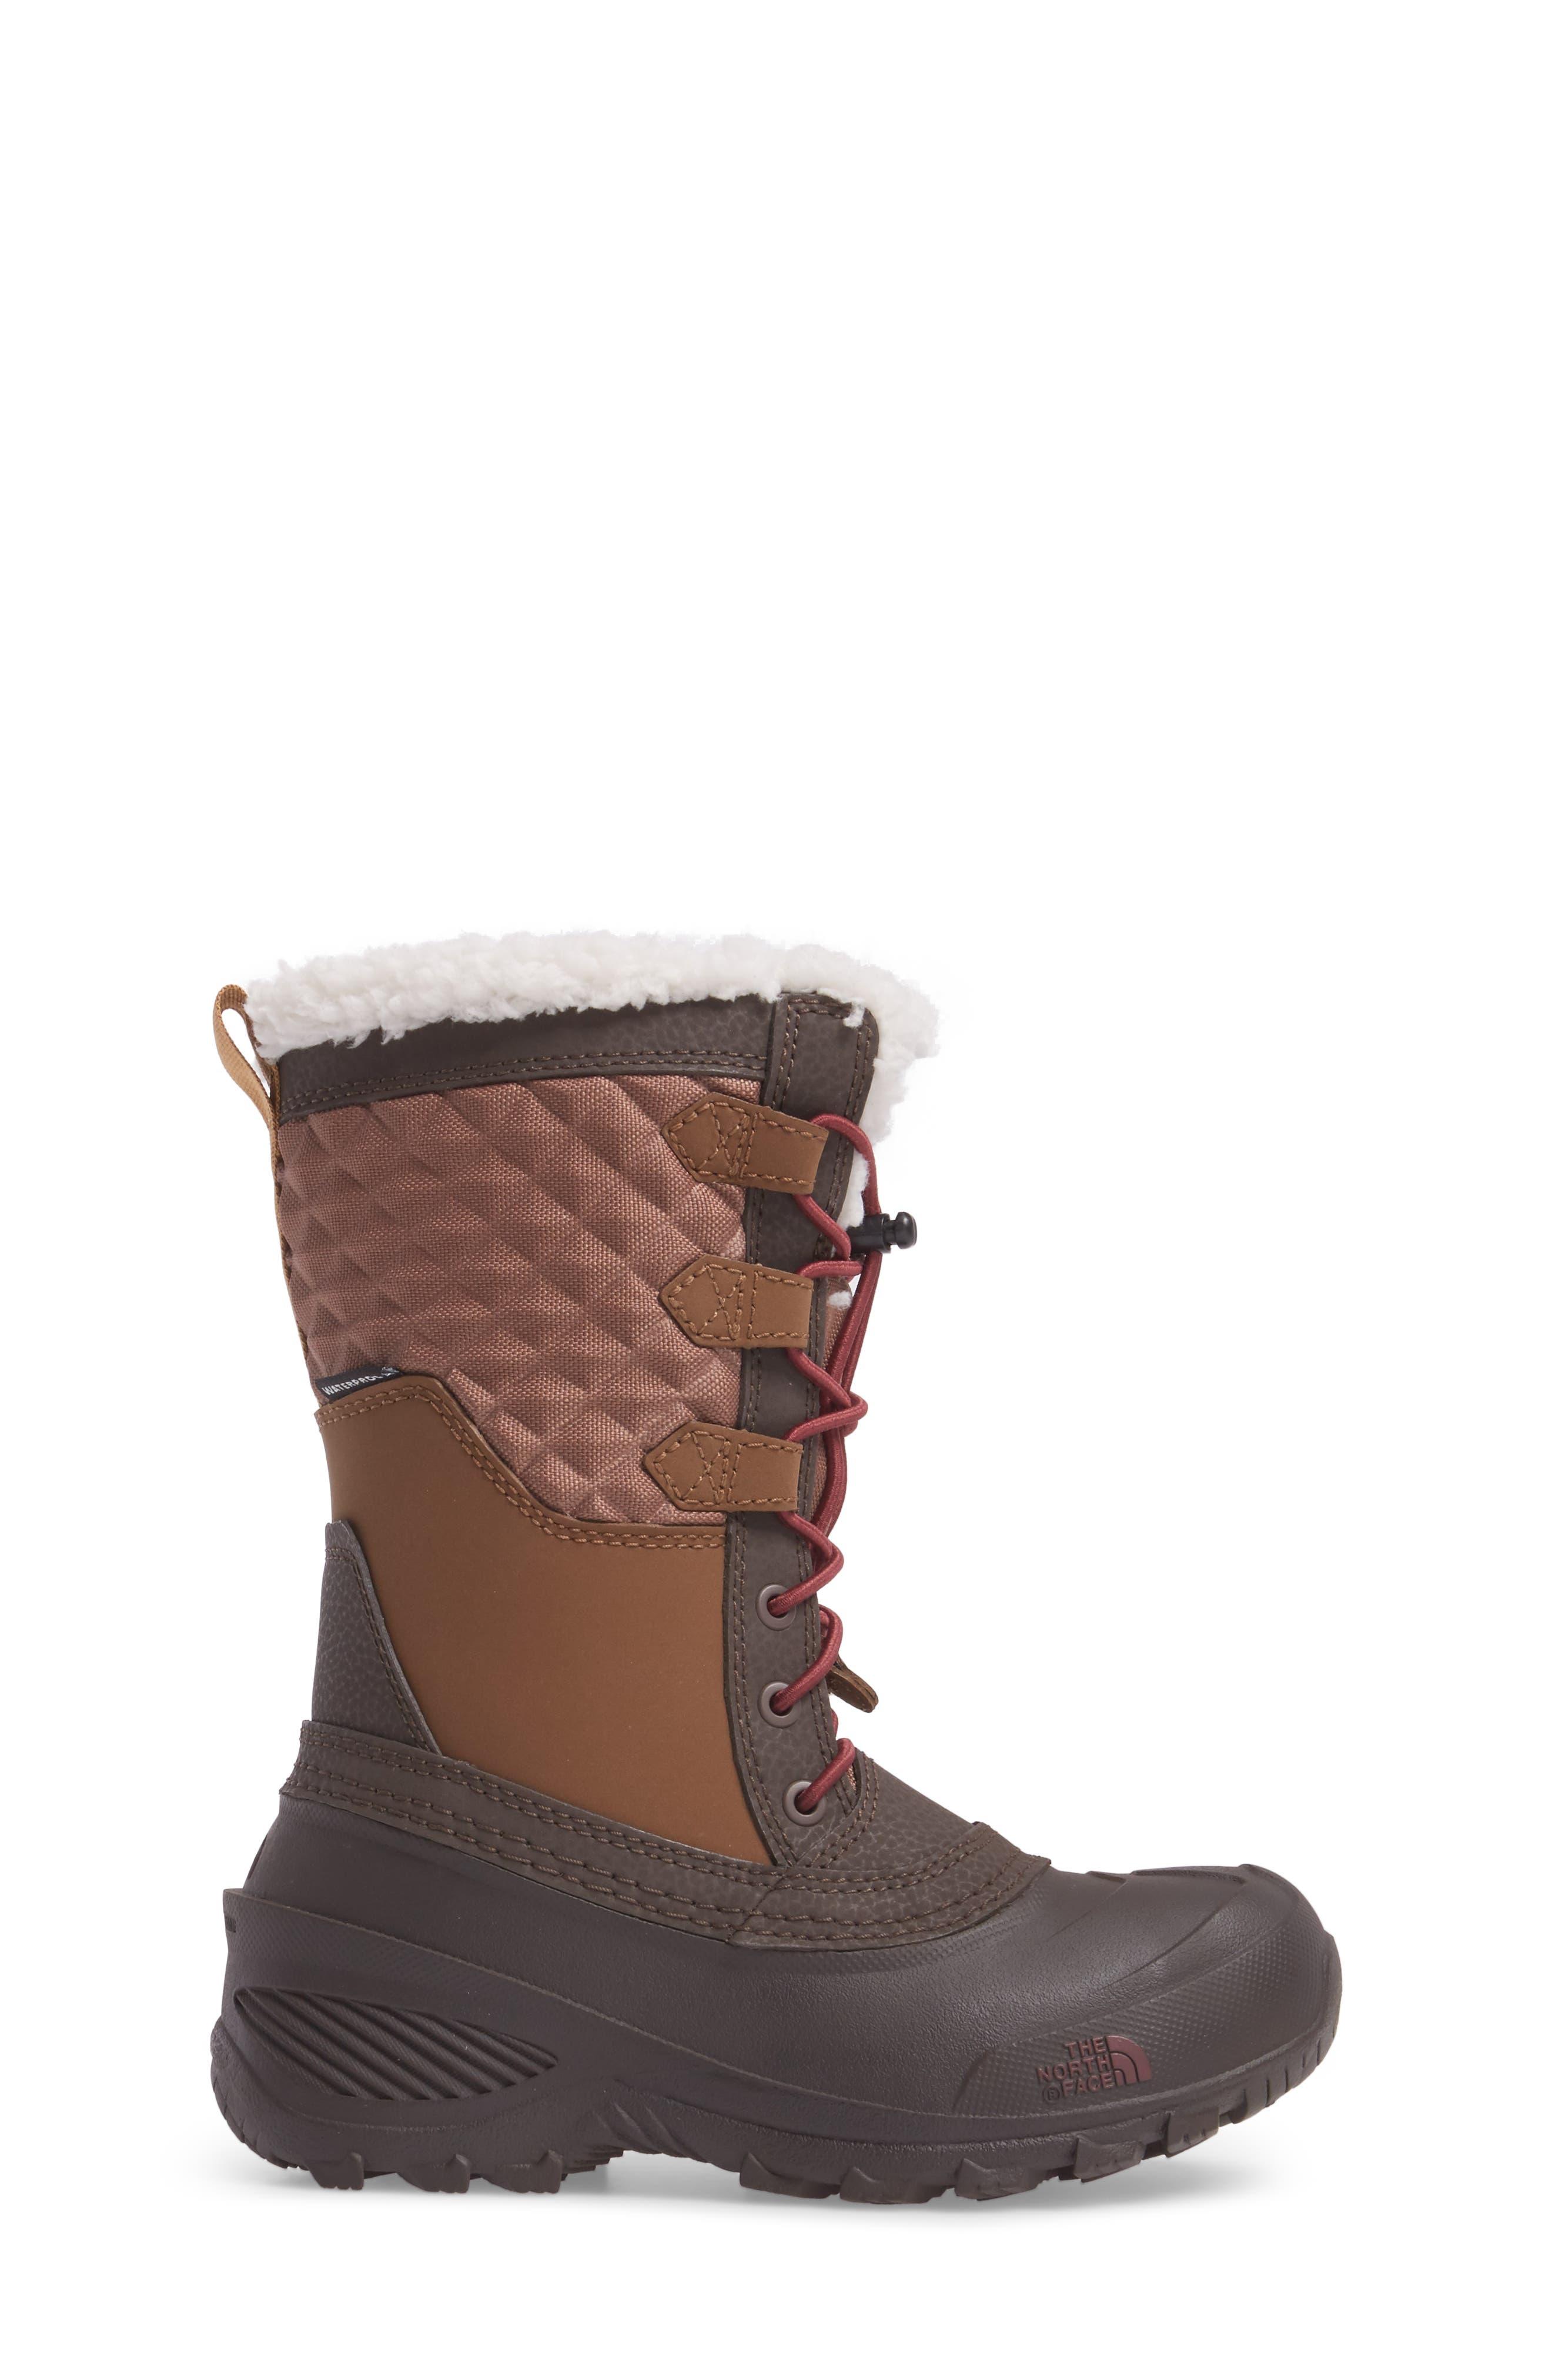 Shellista Lace III Faux Fur Waterproof Boot,                             Alternate thumbnail 8, color,